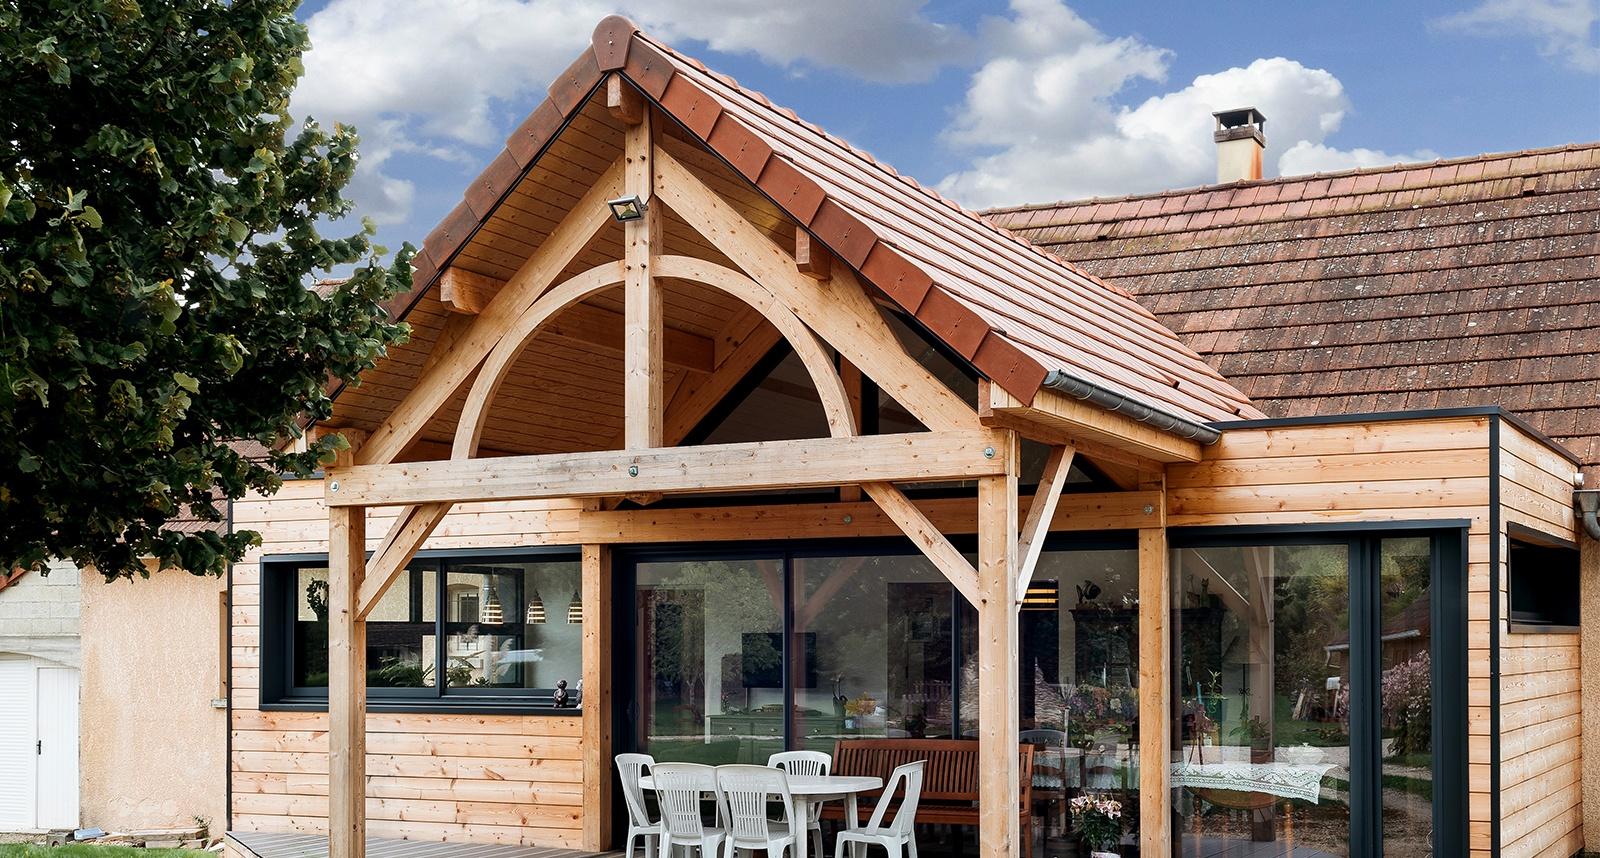 Maison Ossature Métallique Contemporaine agrandir votre maison : l'ossature bois ou métallique ?, nos